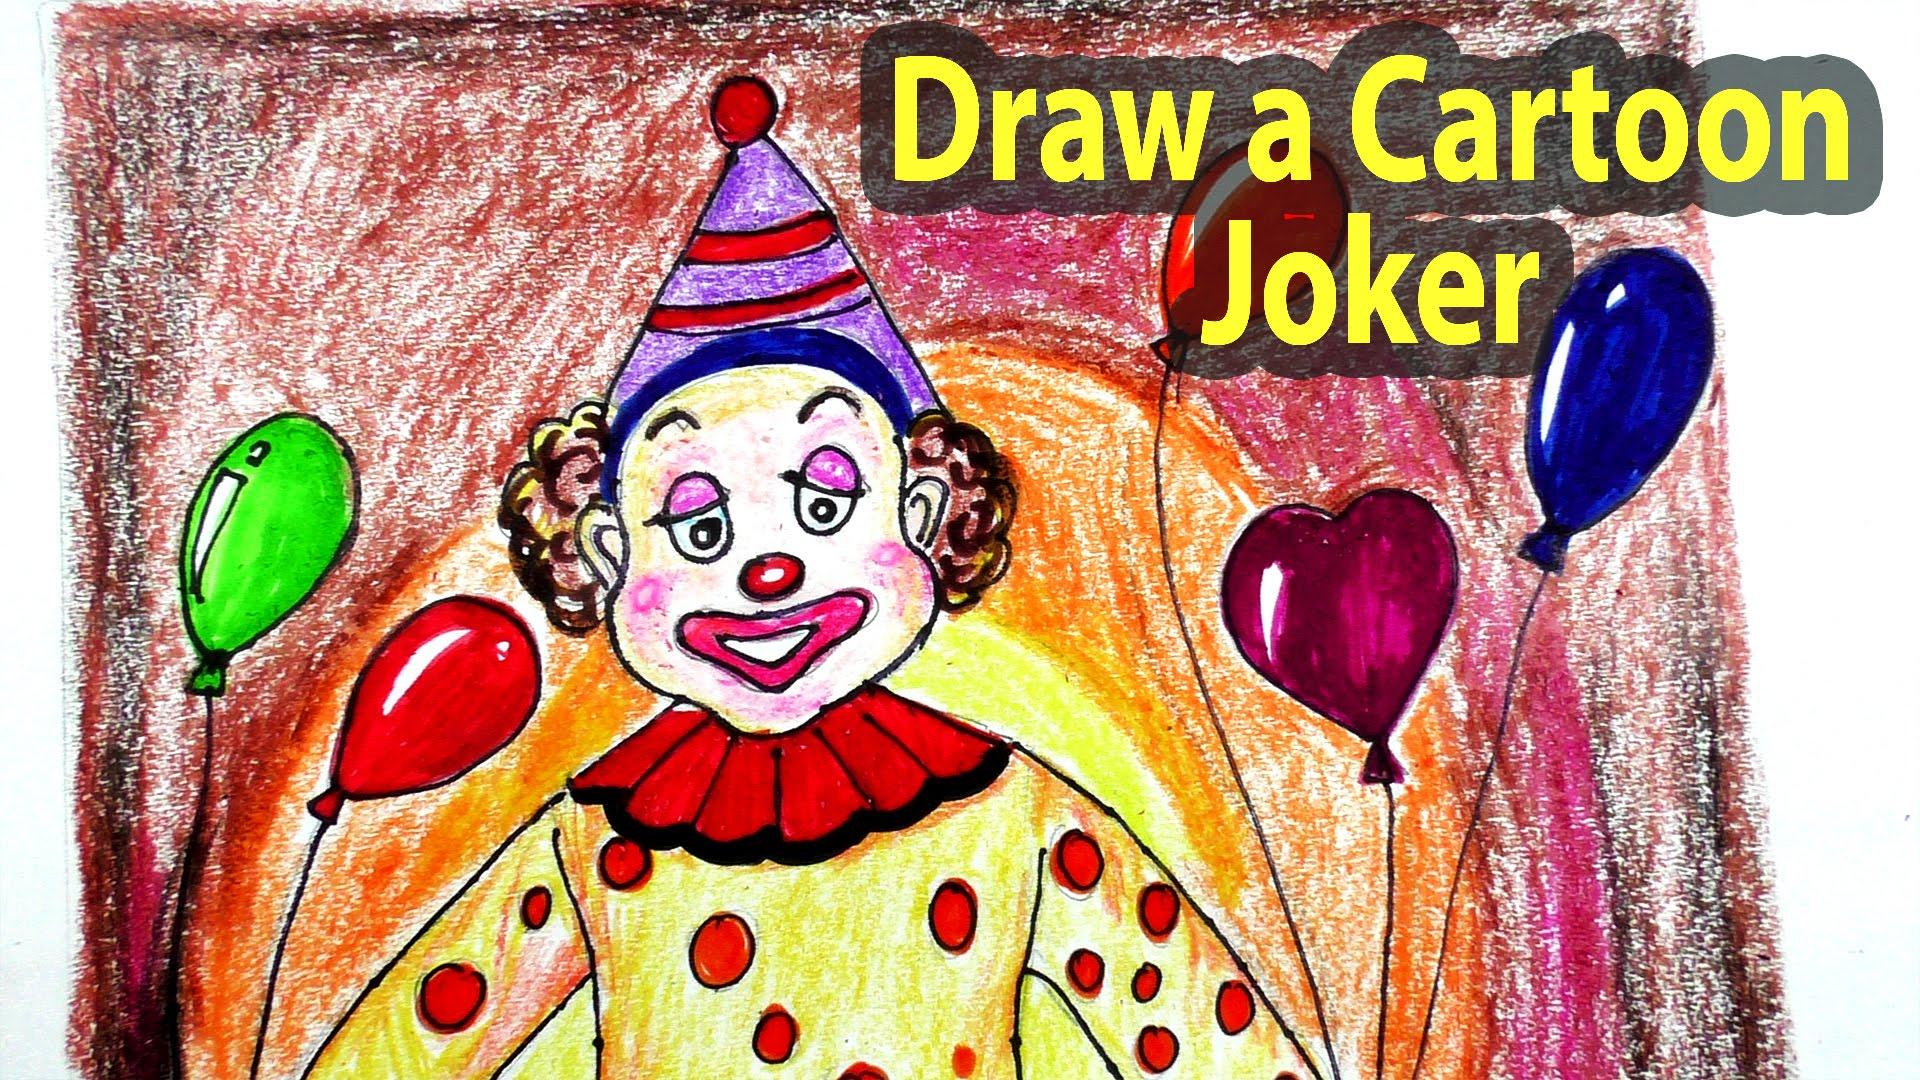 1920x1080 Joker Cartoon Drawing How To Draw A Cartoon Joker Step By Step